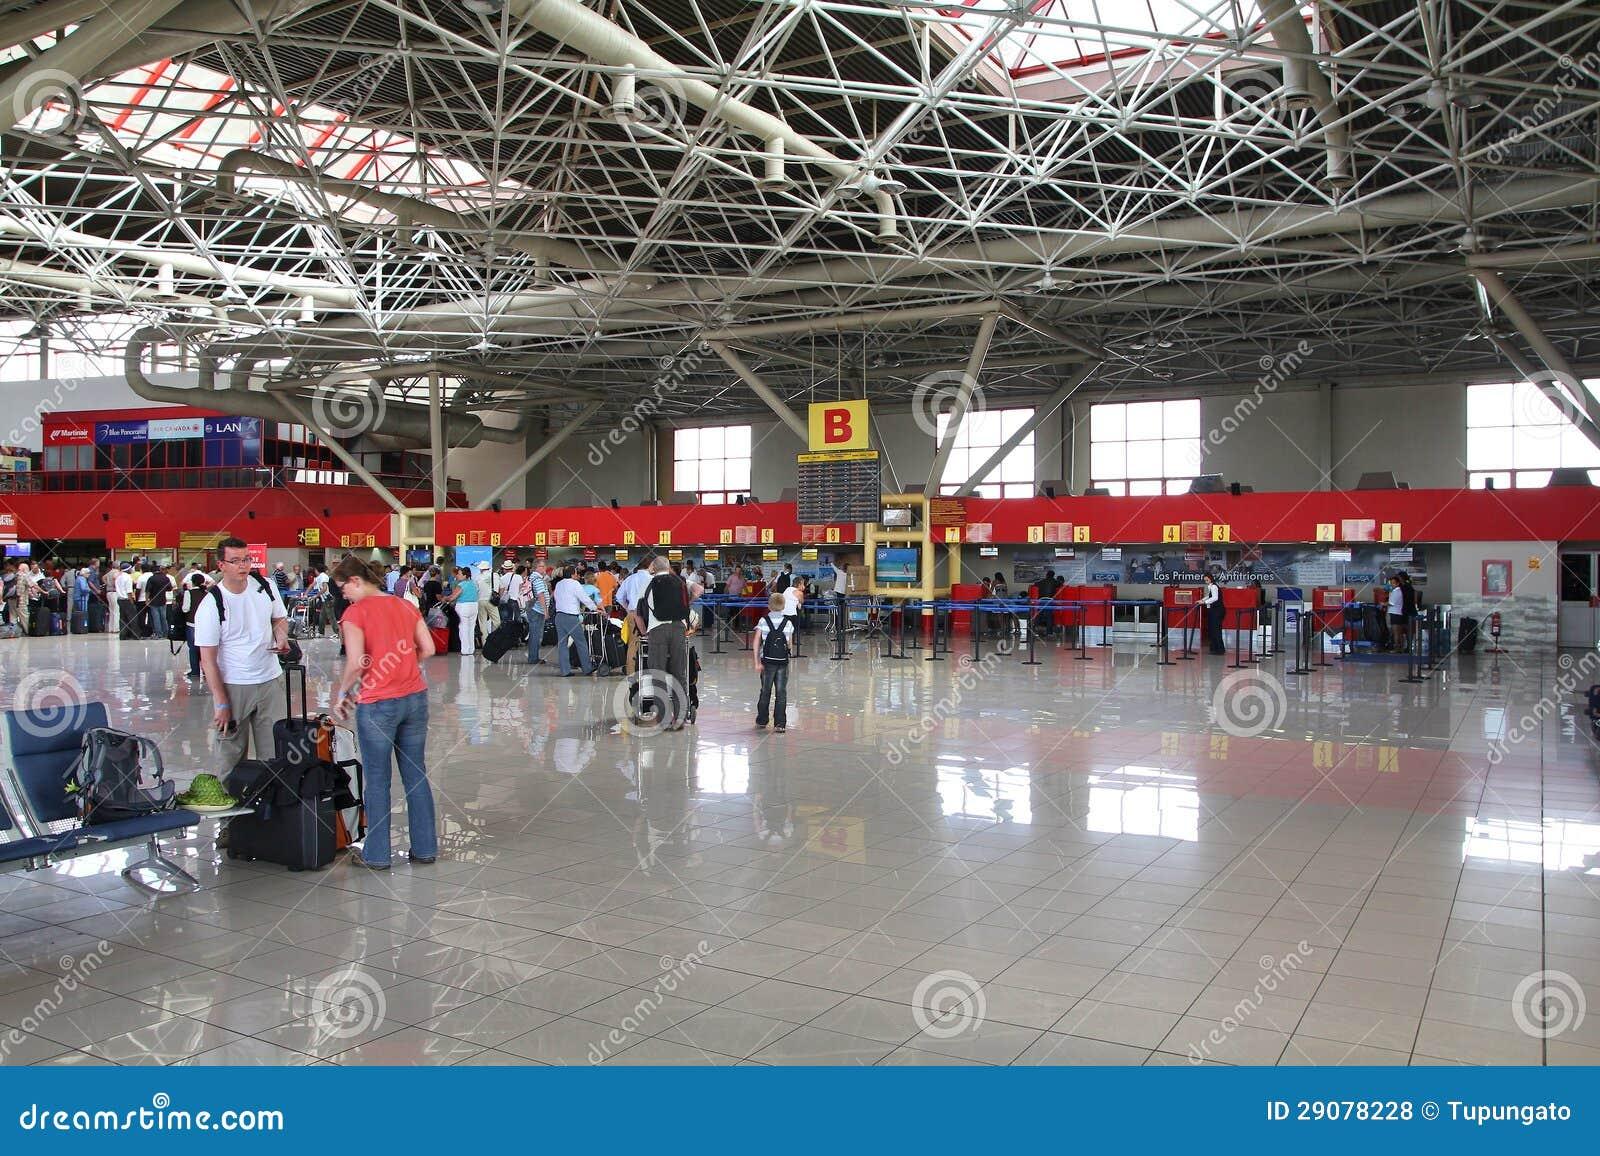 Aeroporto Havana : Aeroporto de havana cuba foto stock editorial imagem